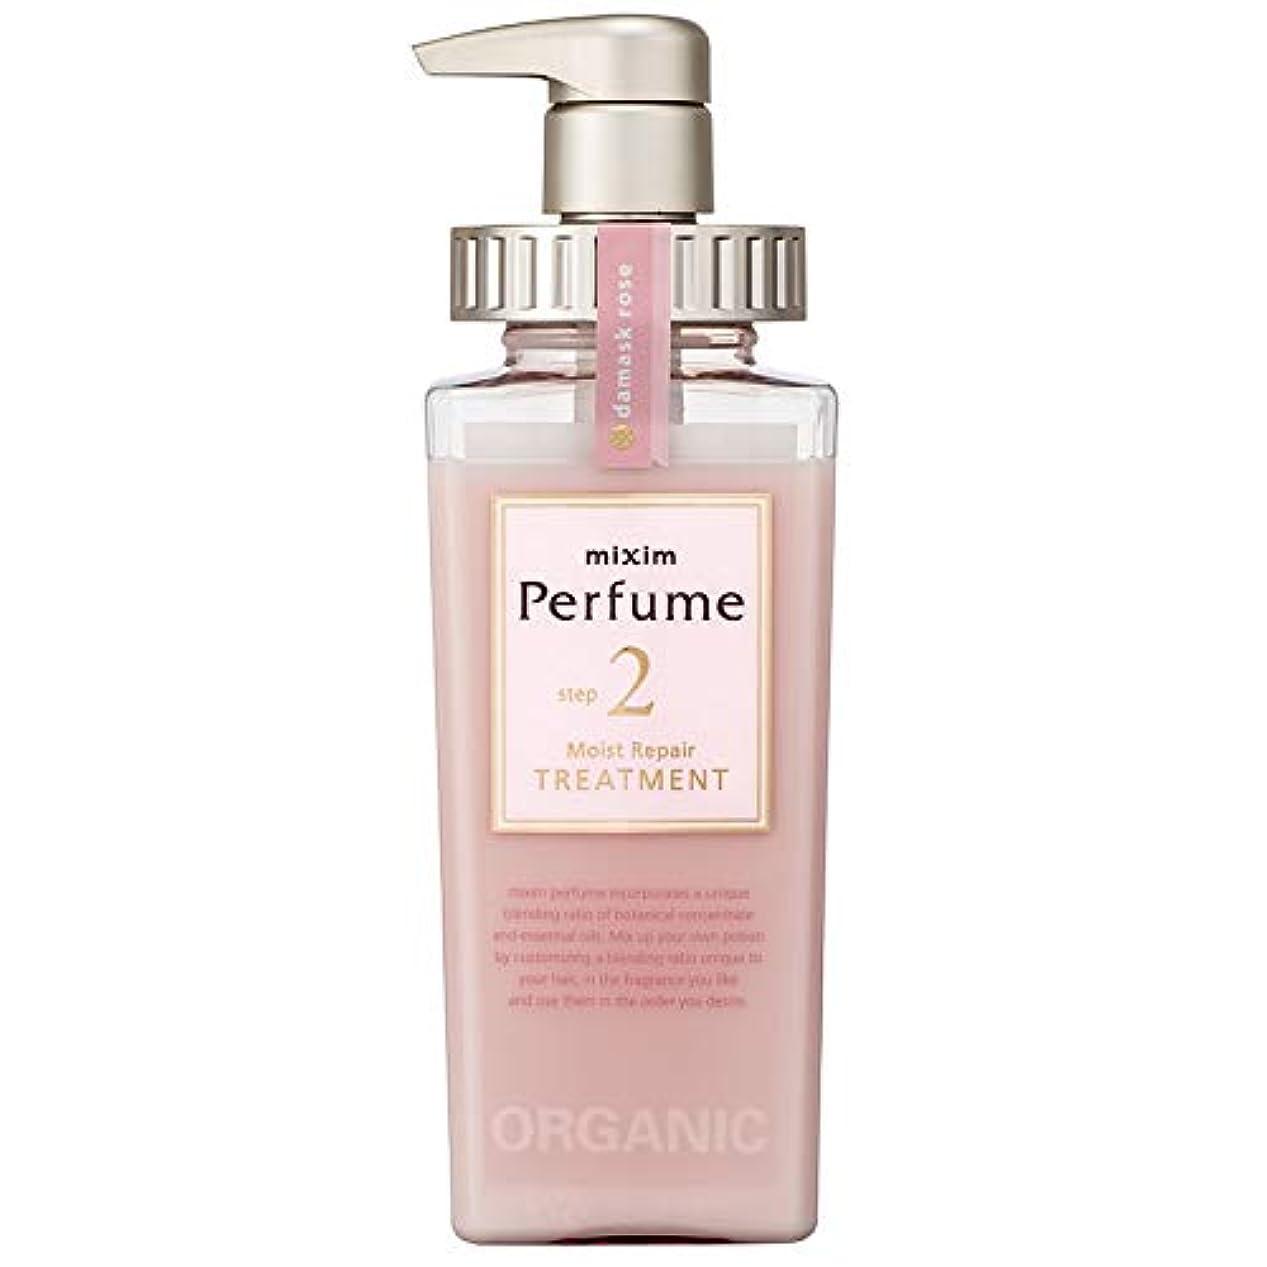 服つま先オペレーターmixim Perfume(ミクシムパフューム) モイストリペア ヘアトリートメント 440g